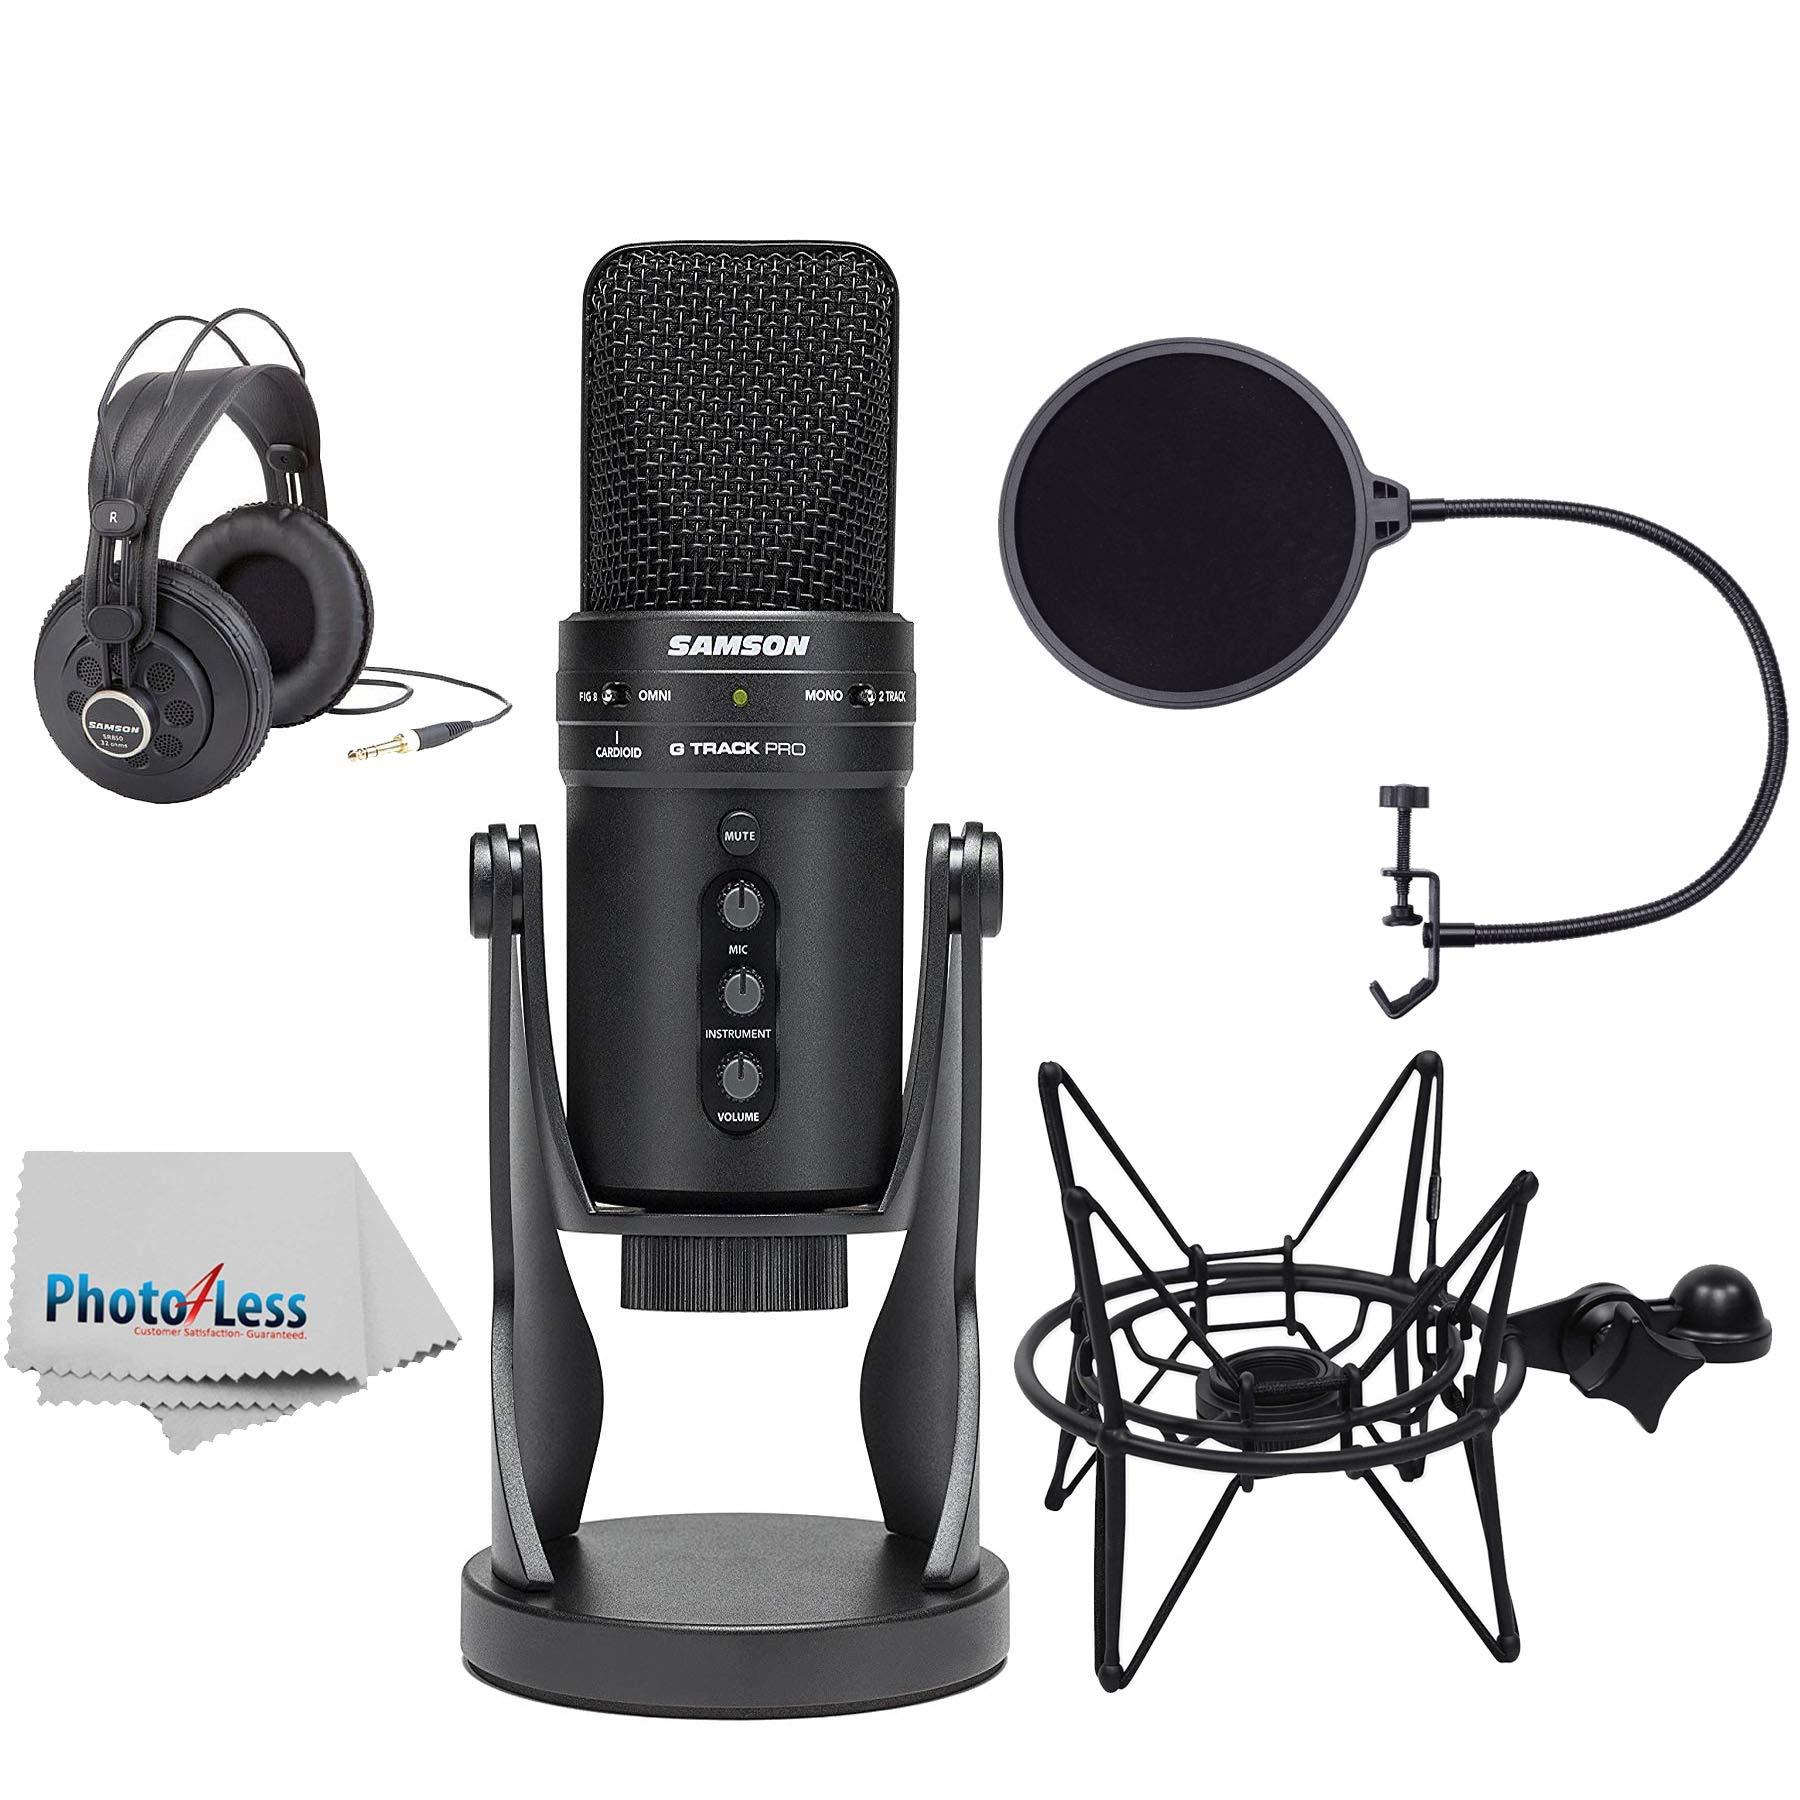 Samson G-Track Pro Micrófono de condensador USB profesional con auriculares + Samson Shockmount & Pop Filter + Paño limp